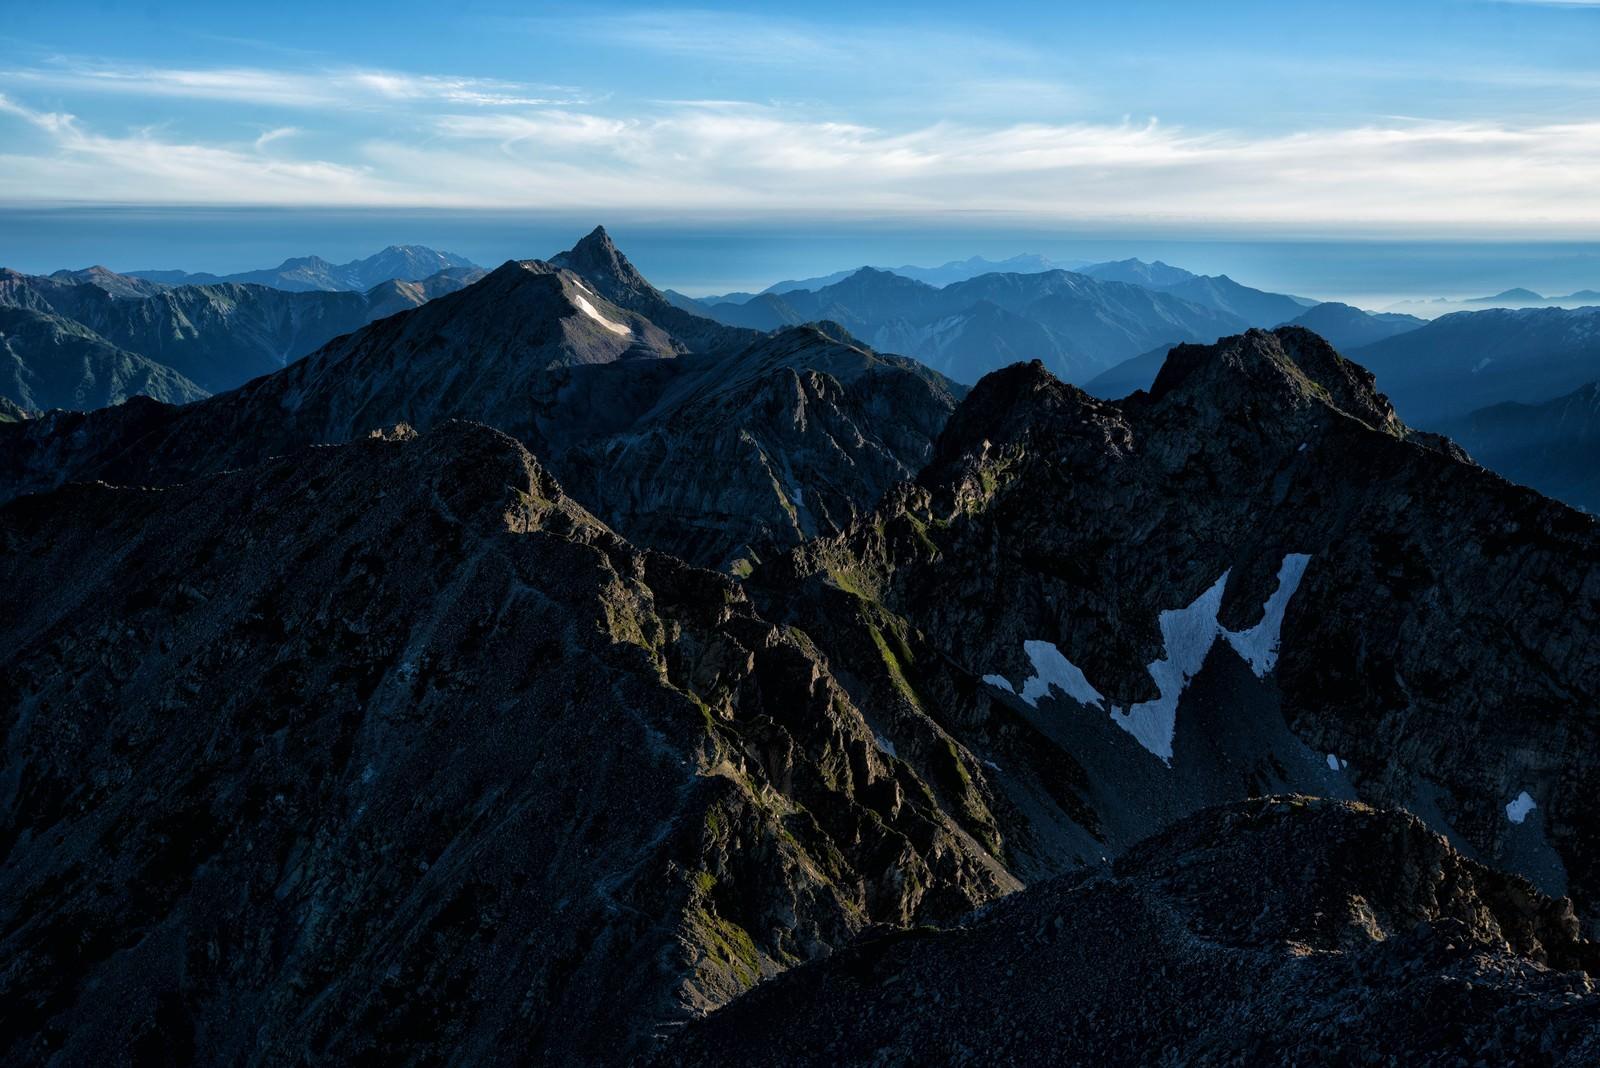 「飛騨山脈の荒ぶる稜線」の写真